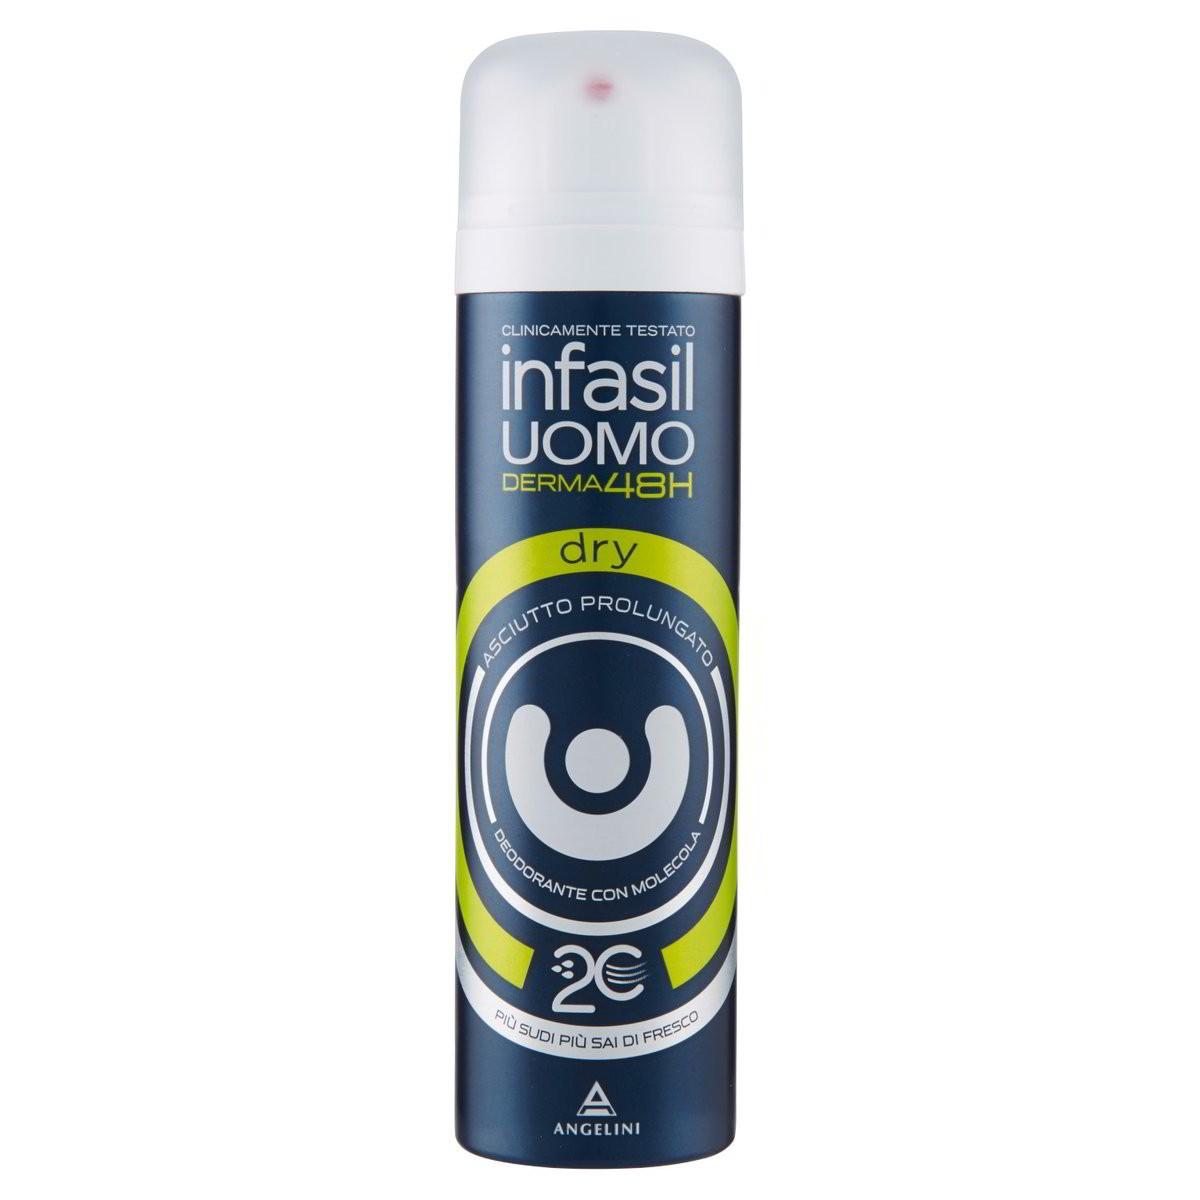 Infasil Uomo Deodorante spray Derma48H